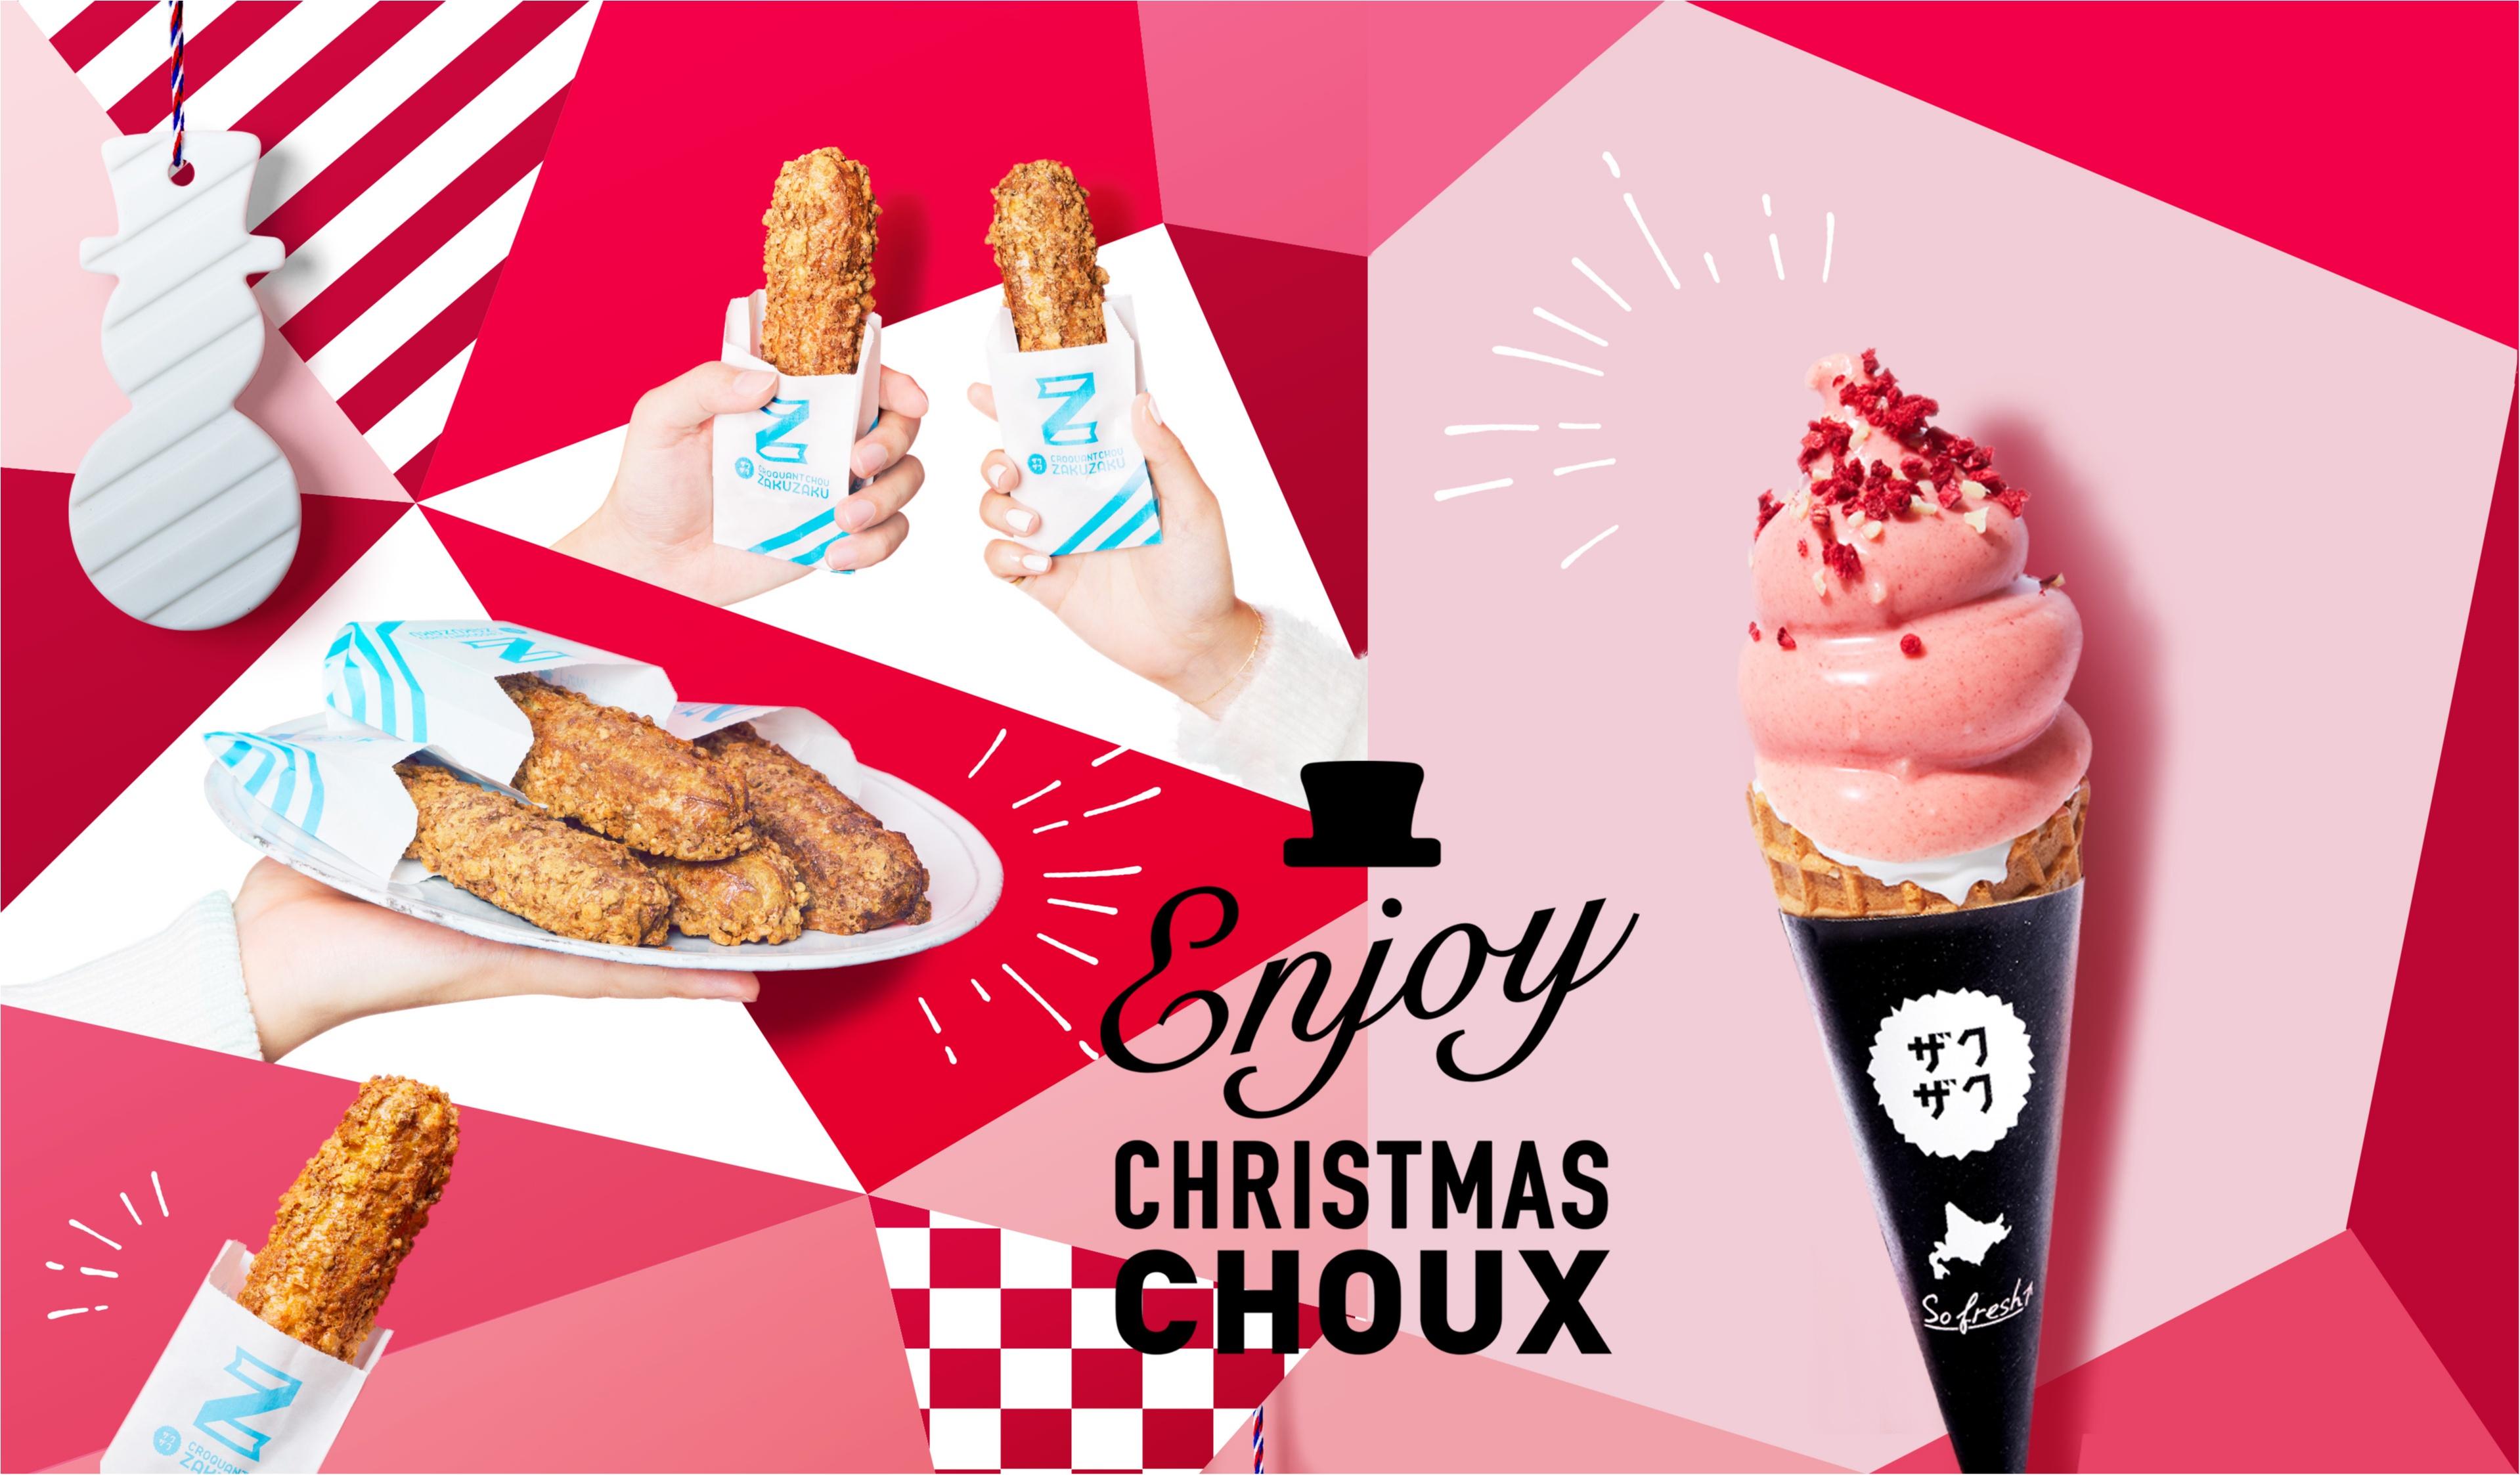 ピンクのソフトクリームがキュートすぎ♡ 『Z クロッカンシュー ザクザク』で「クリスマスベリーソフト」を期間限定発売!【12/25(月)まで】_1